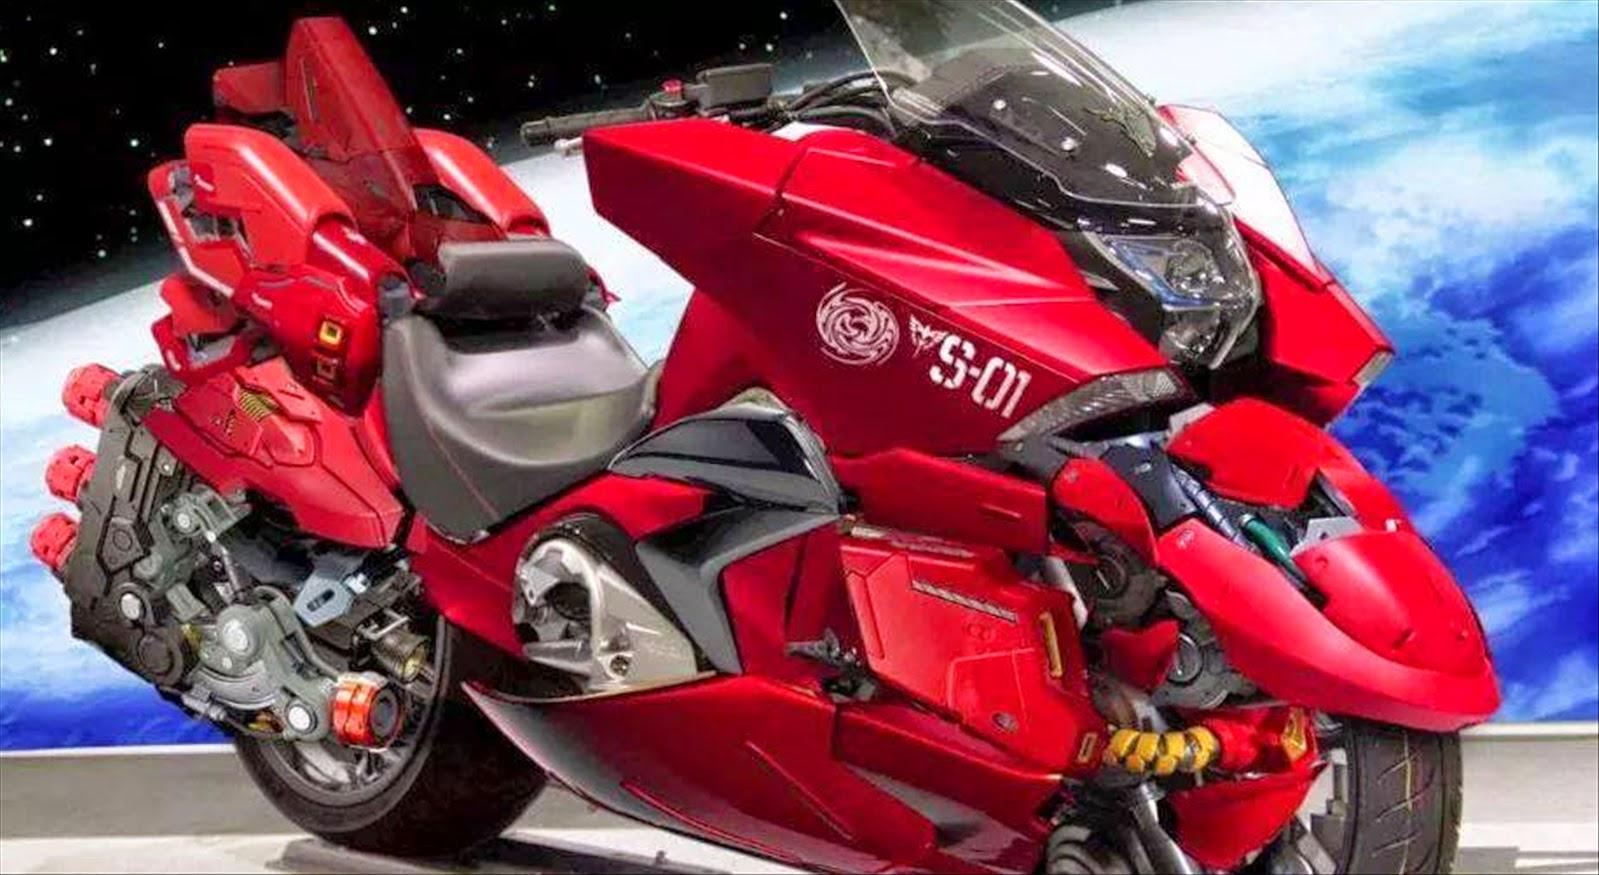 Photoshopped: HONDA NM4 Red Comet Motorbike - Gundam Kits ...